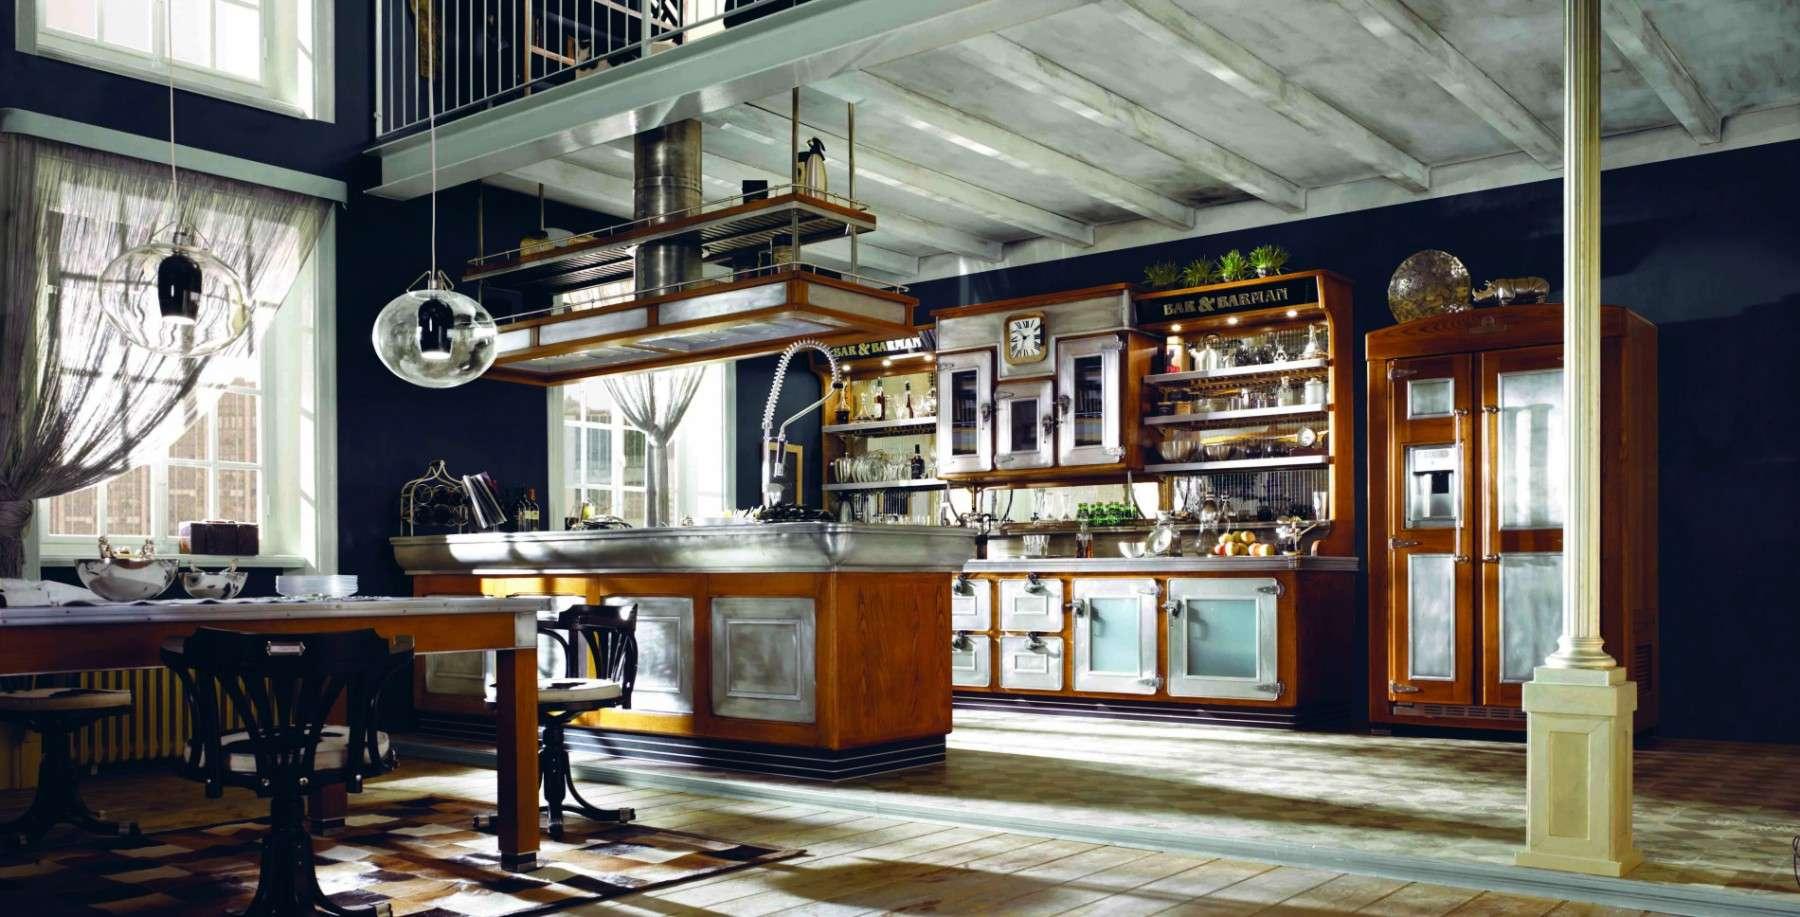 Marchi cucine la cucina bar barman in stile industriale for Salotto stile industriale